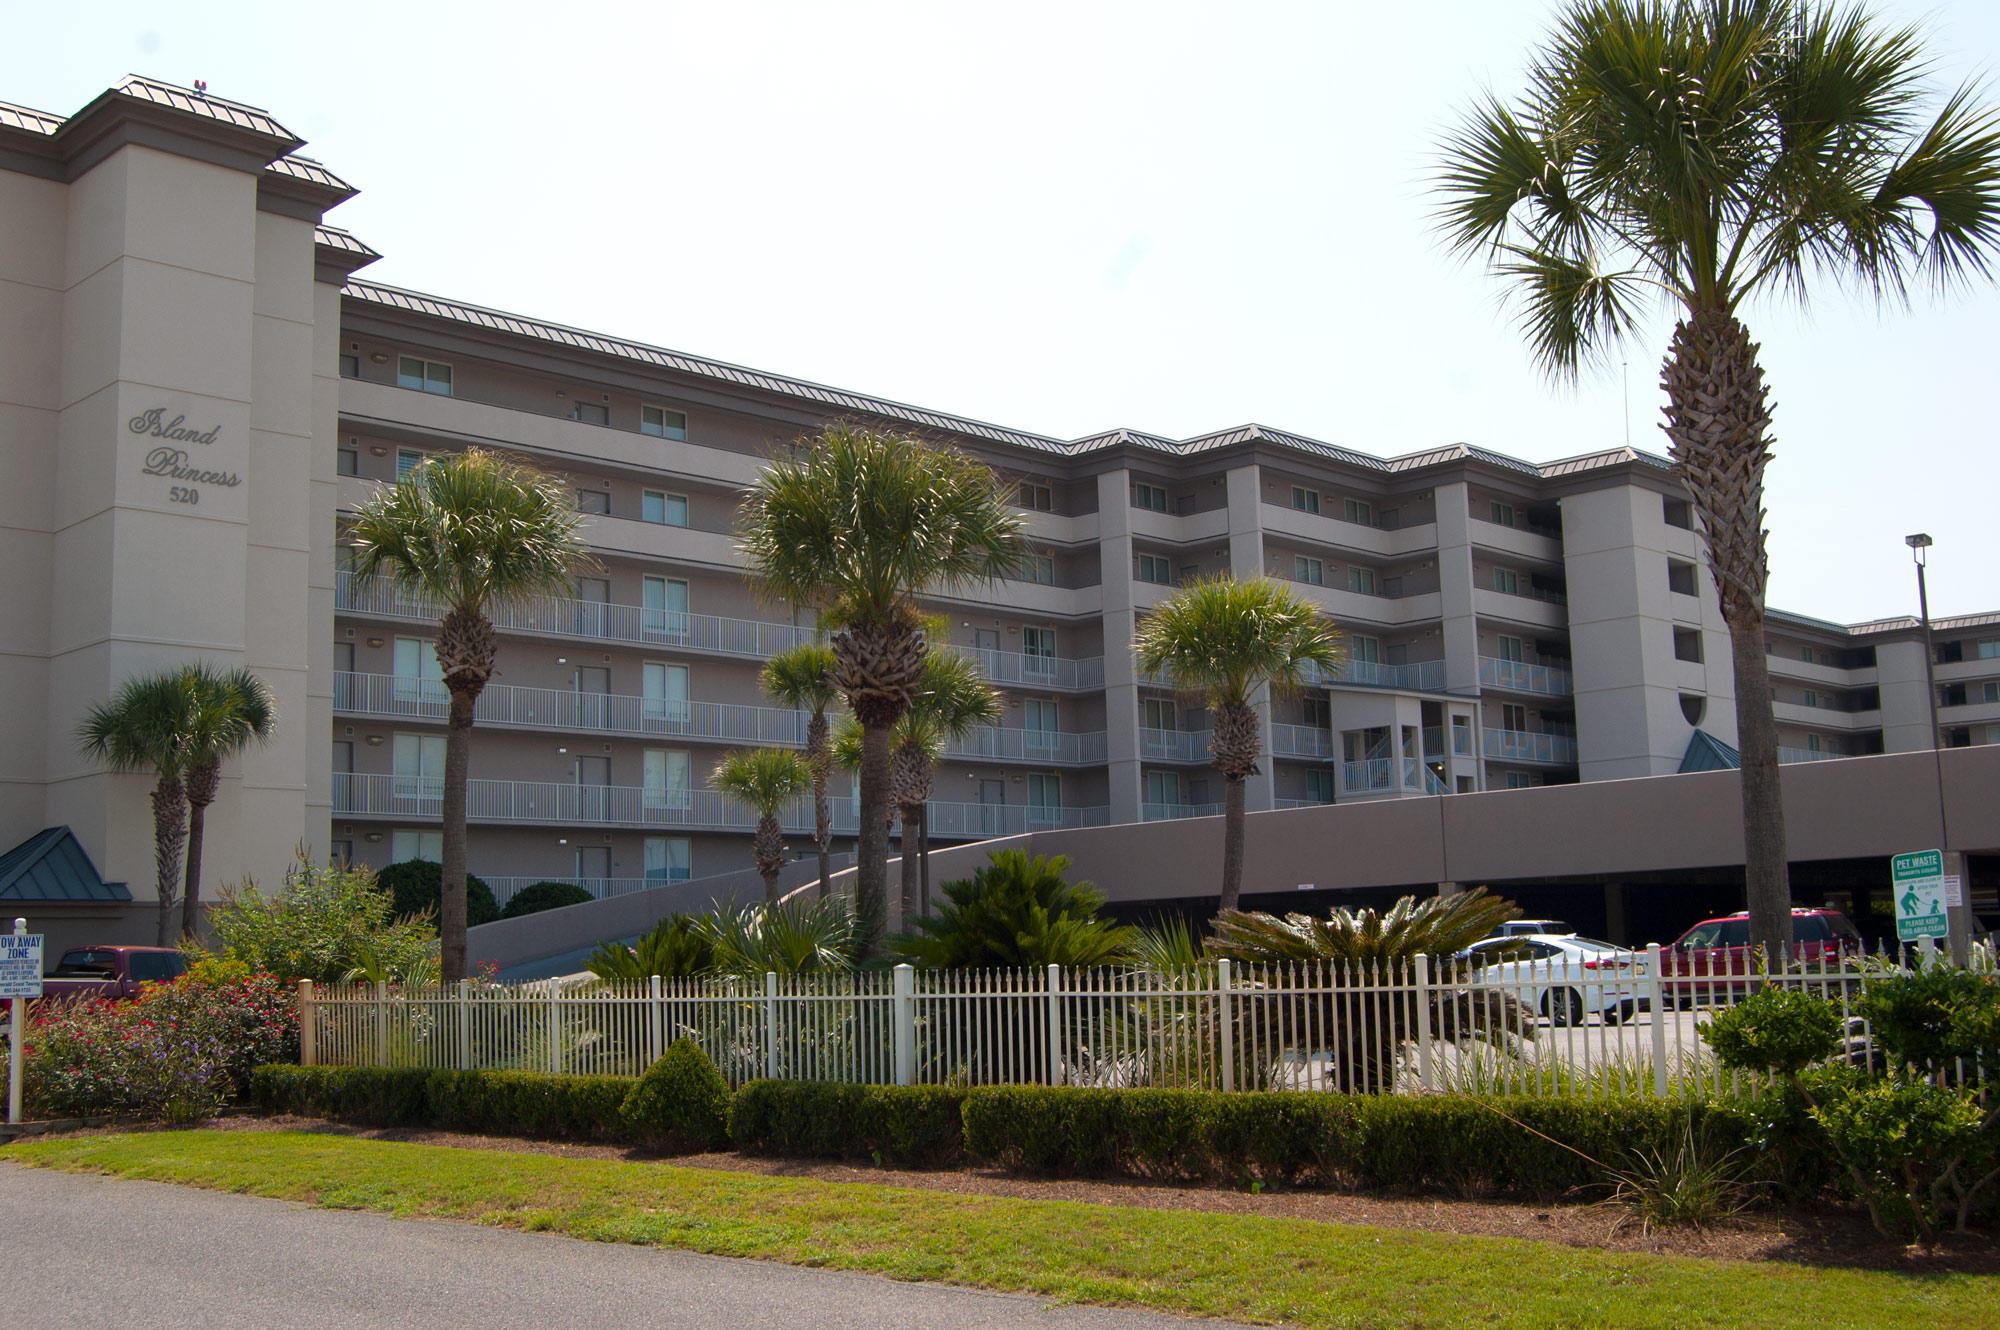 A 3 Bedroom 3 Bedroom Island Princess Condominium